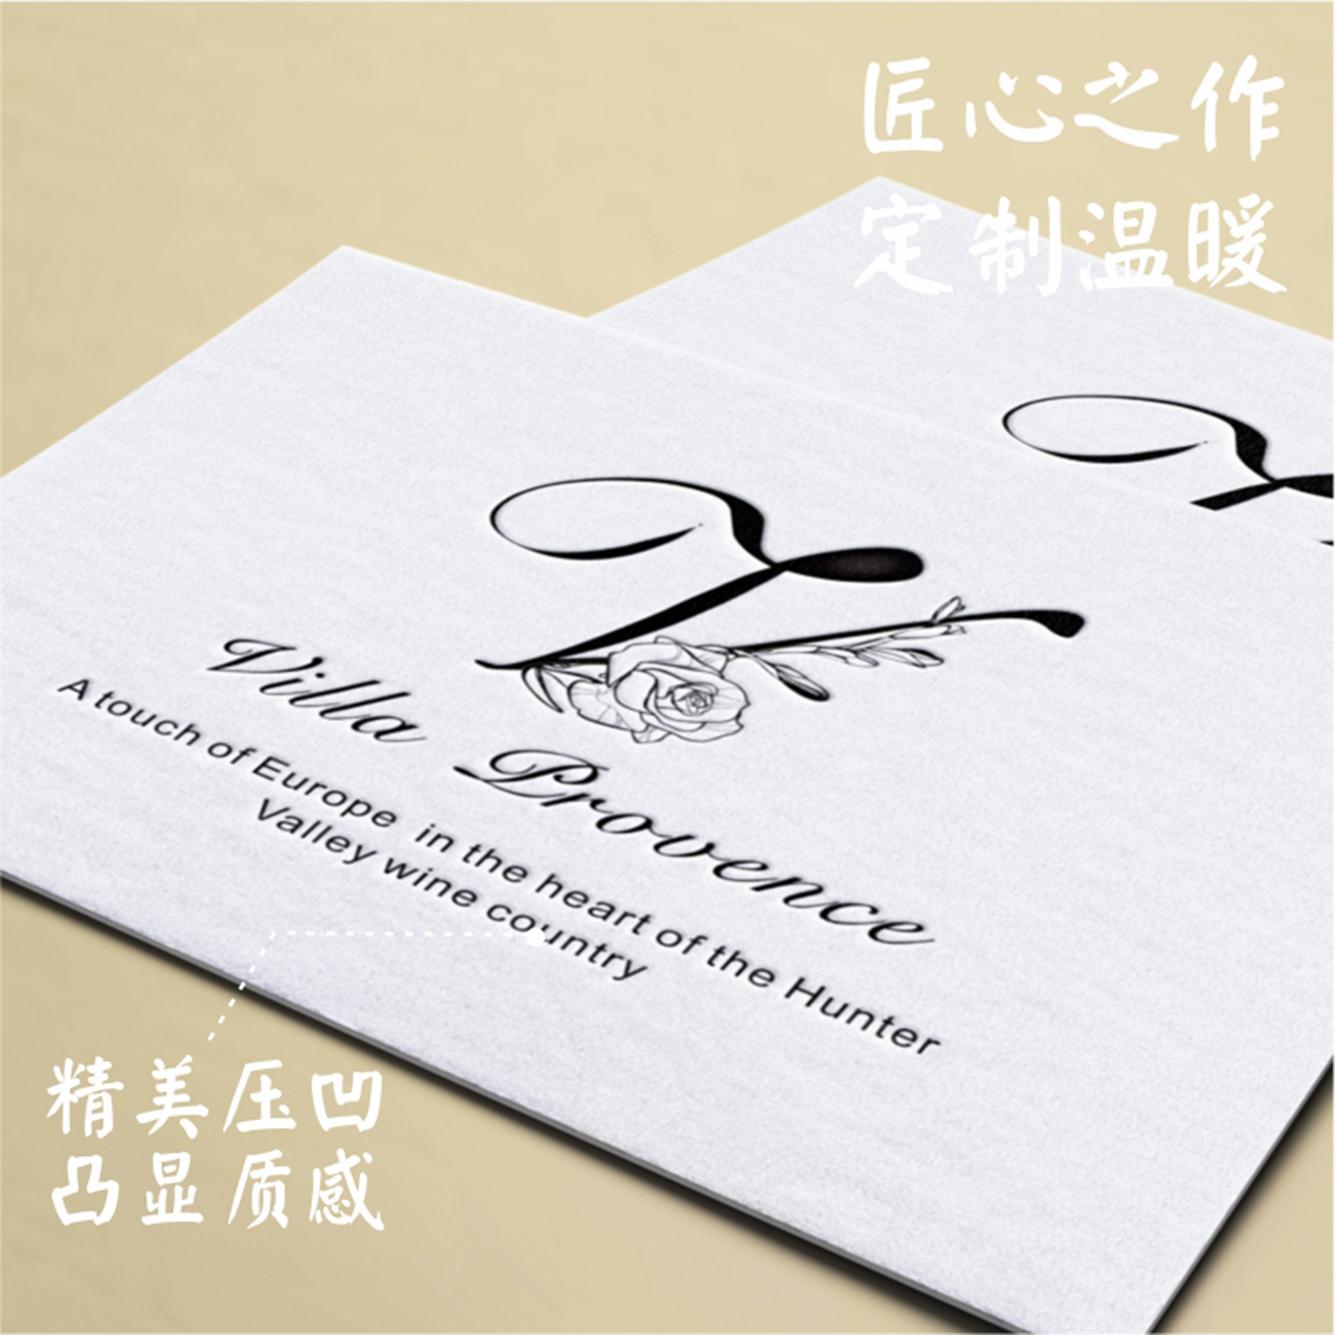 维尔德棉纸名片设计制作v名片高档凹凸压凹个性压痕名片淘宝卡片